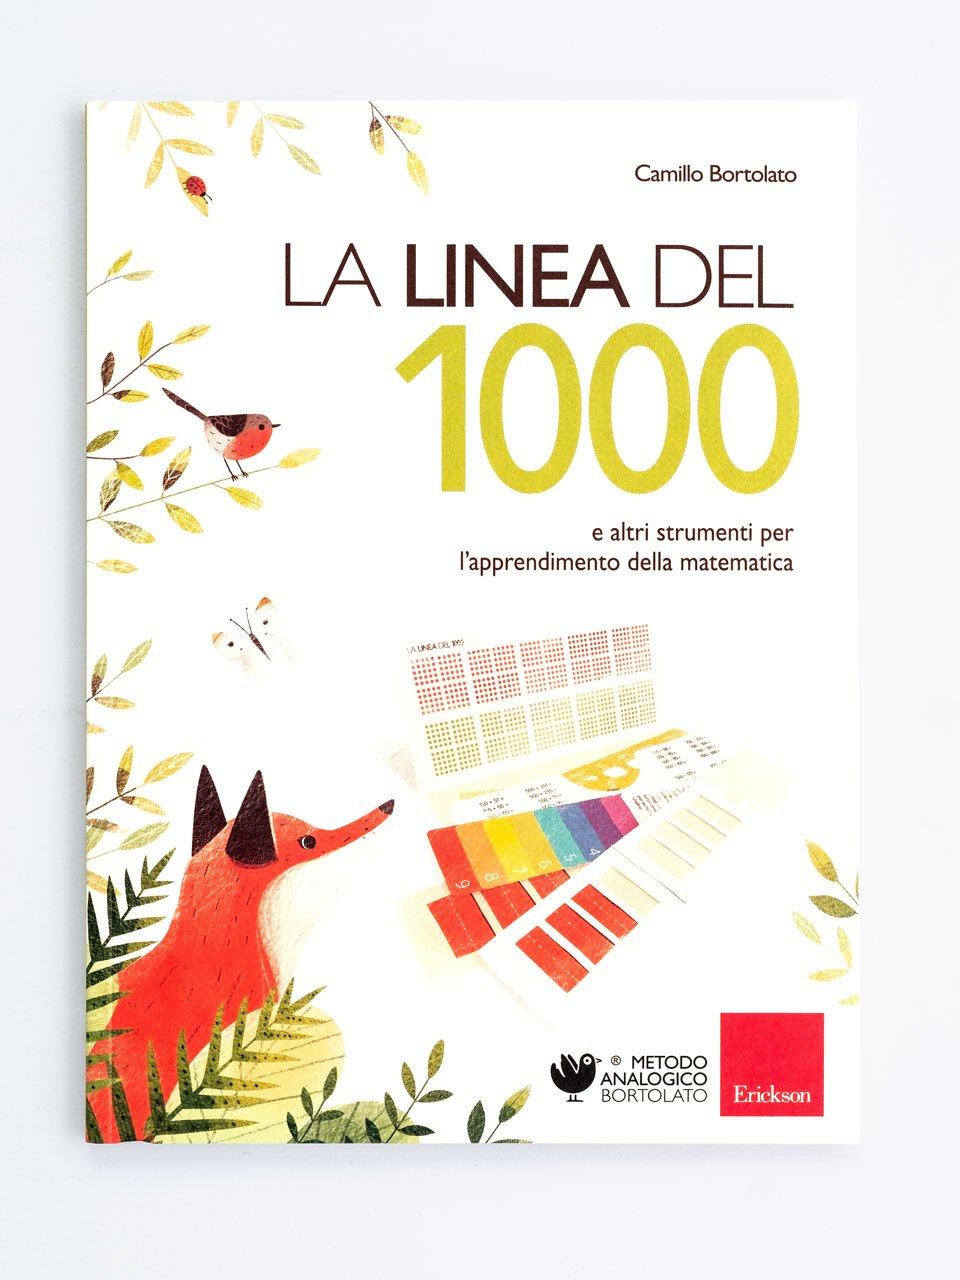 La linea del 1000 e altri strumenti per il calcolo - Disfaproblemi - Libri - Erickson